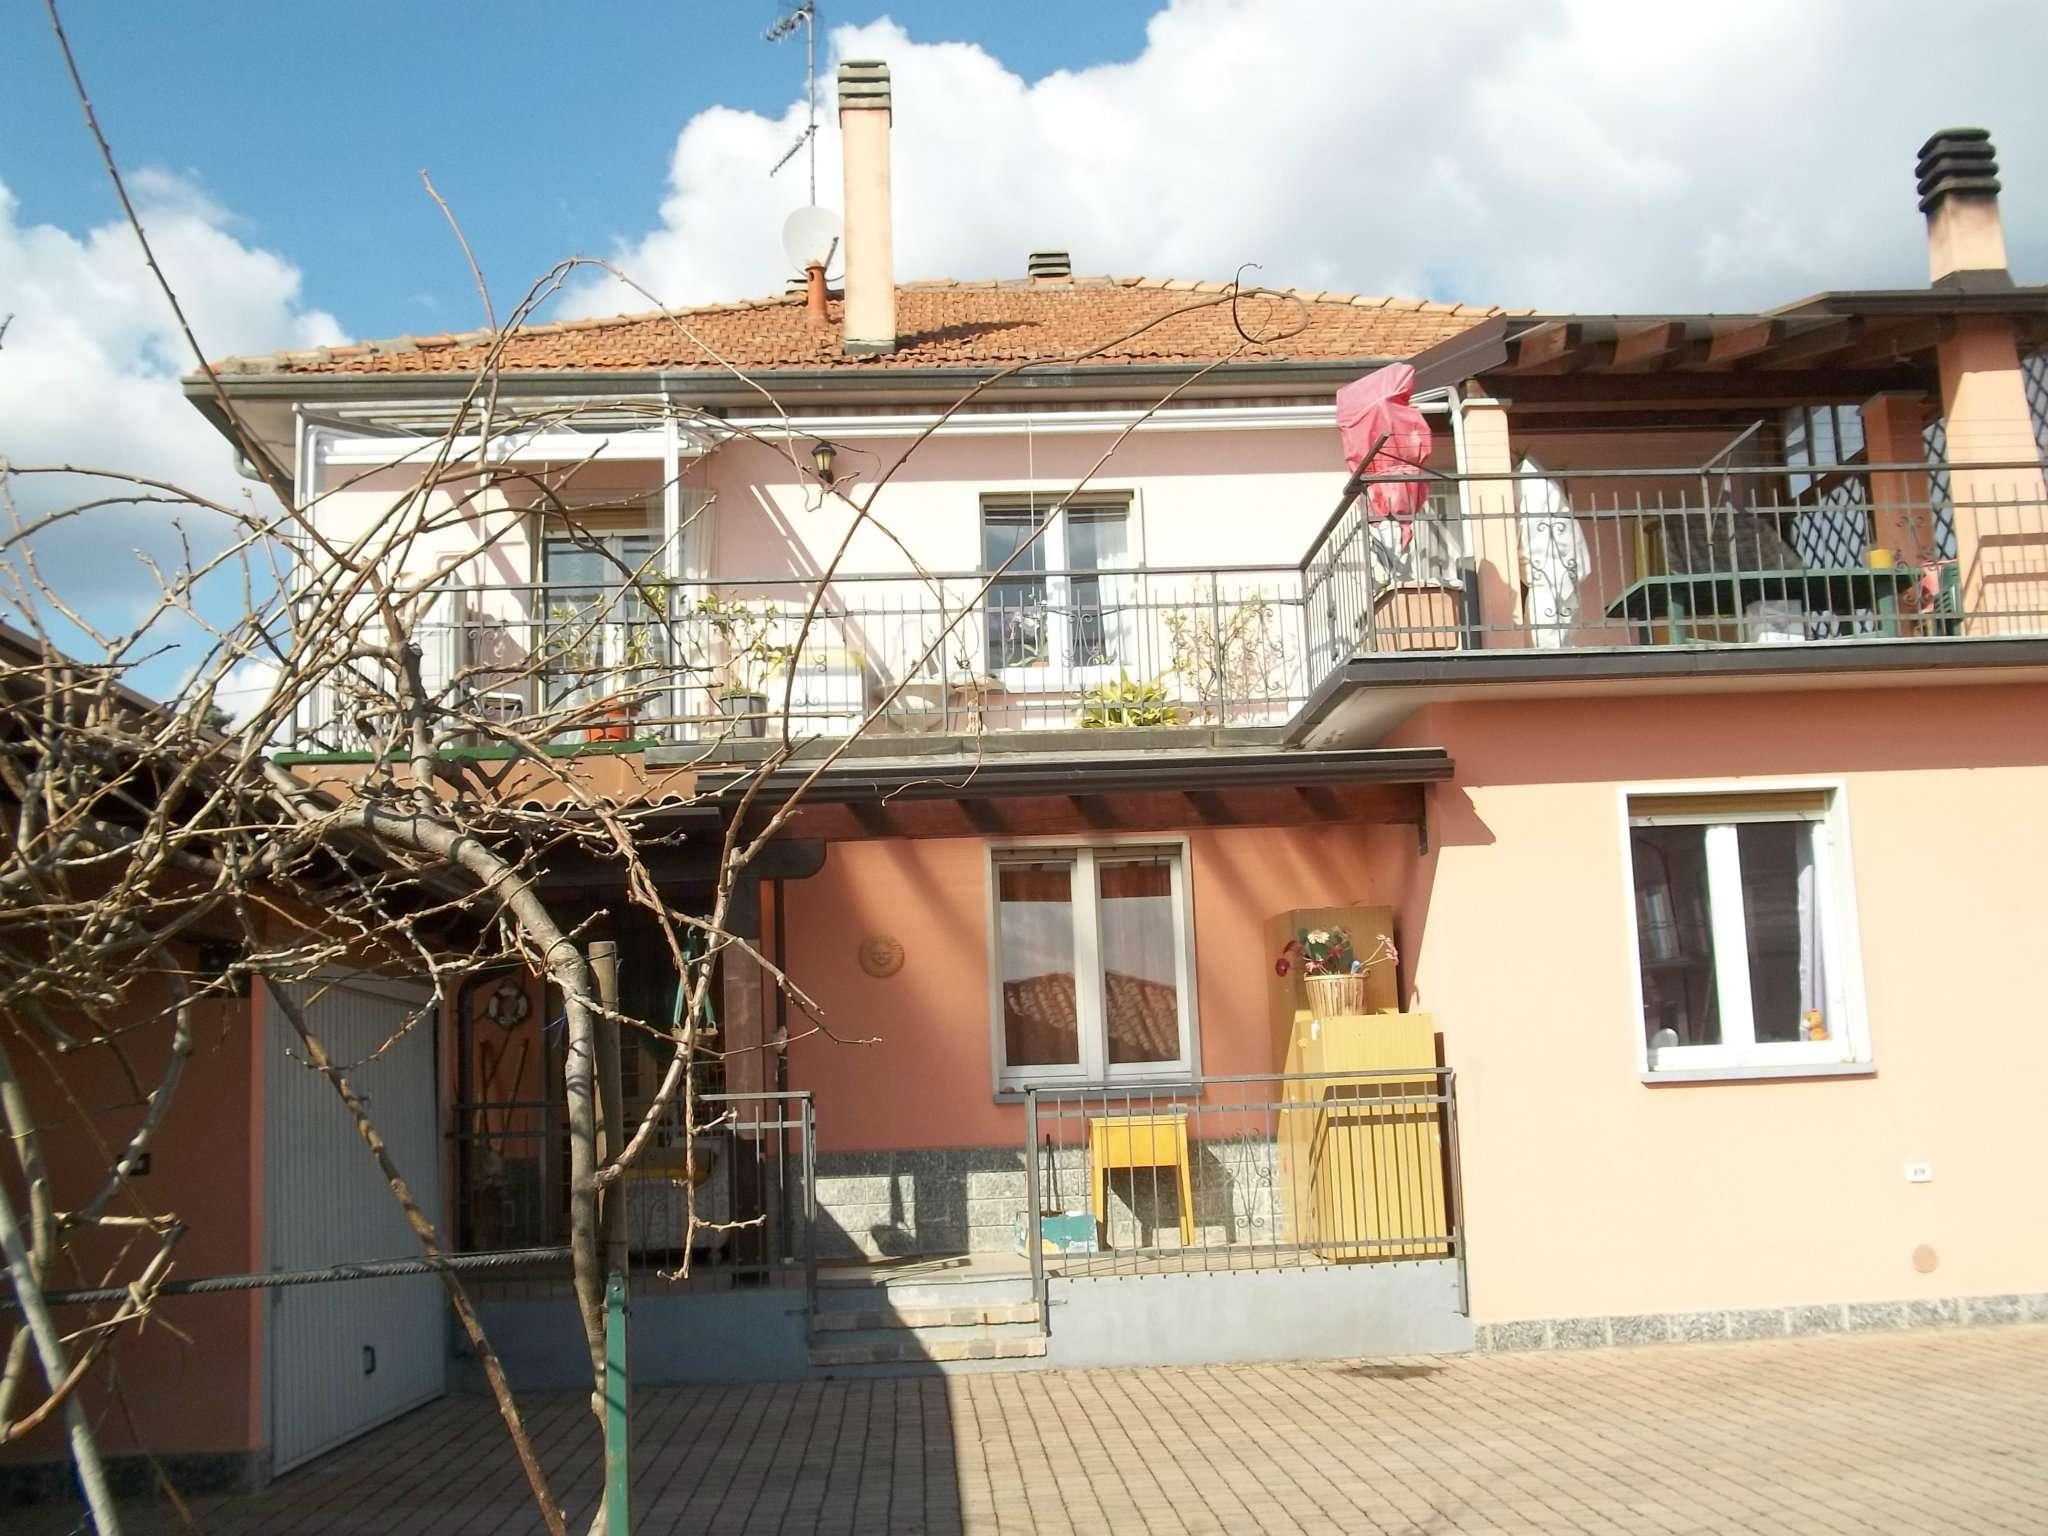 Palazzo / Stabile in vendita a Varese, 12 locali, prezzo € 520.000 | Cambio Casa.it